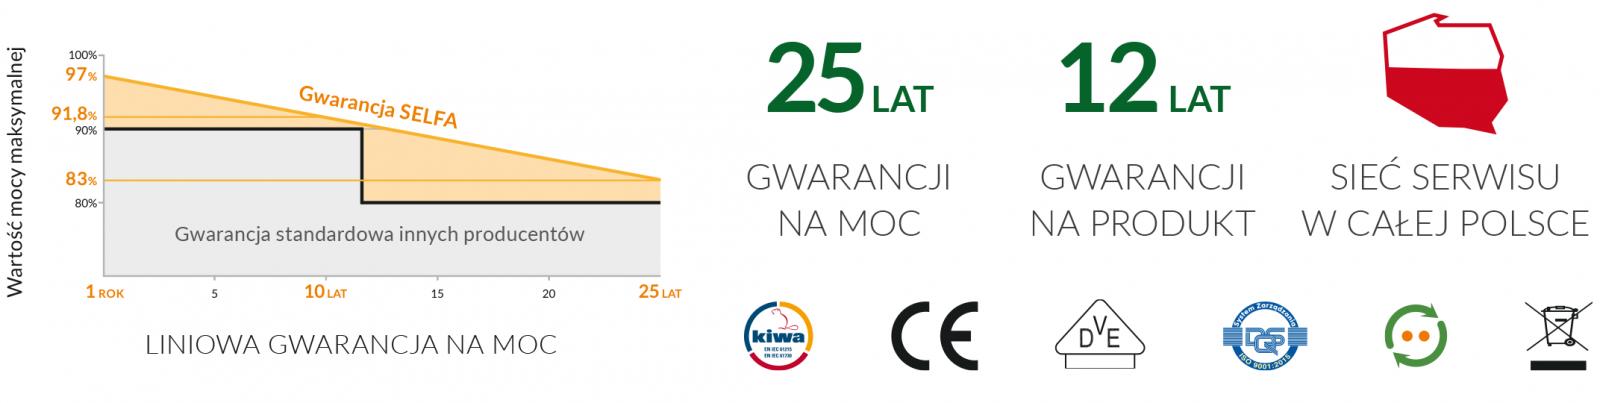 Gwarancja SELFA polskiego producenta paneli fotowoltaicznych